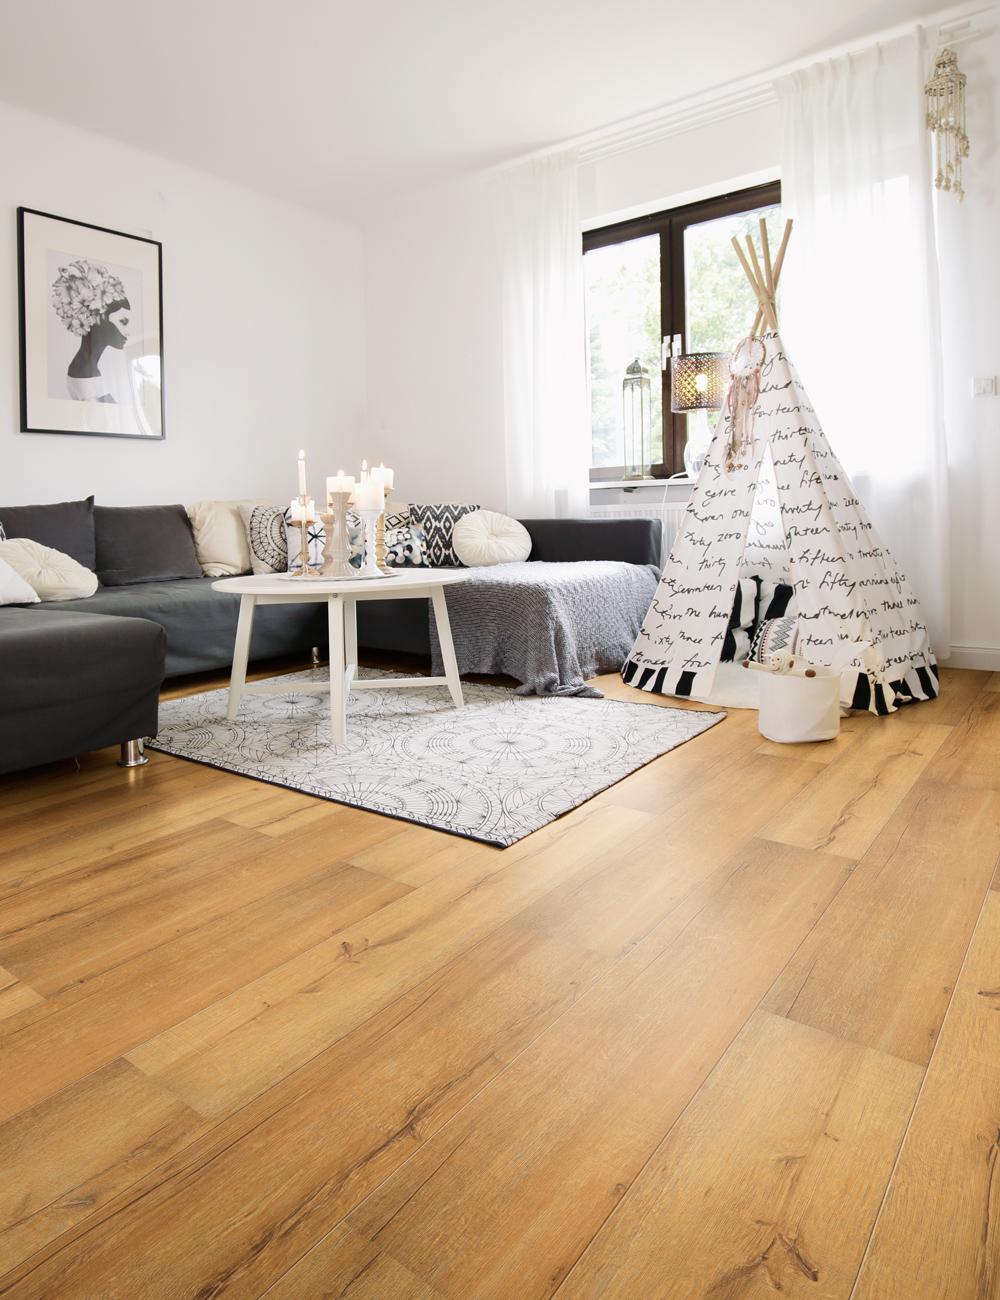 wineo Laminatboden 500 Eiche braun im Wohnzimmer mit Tipi